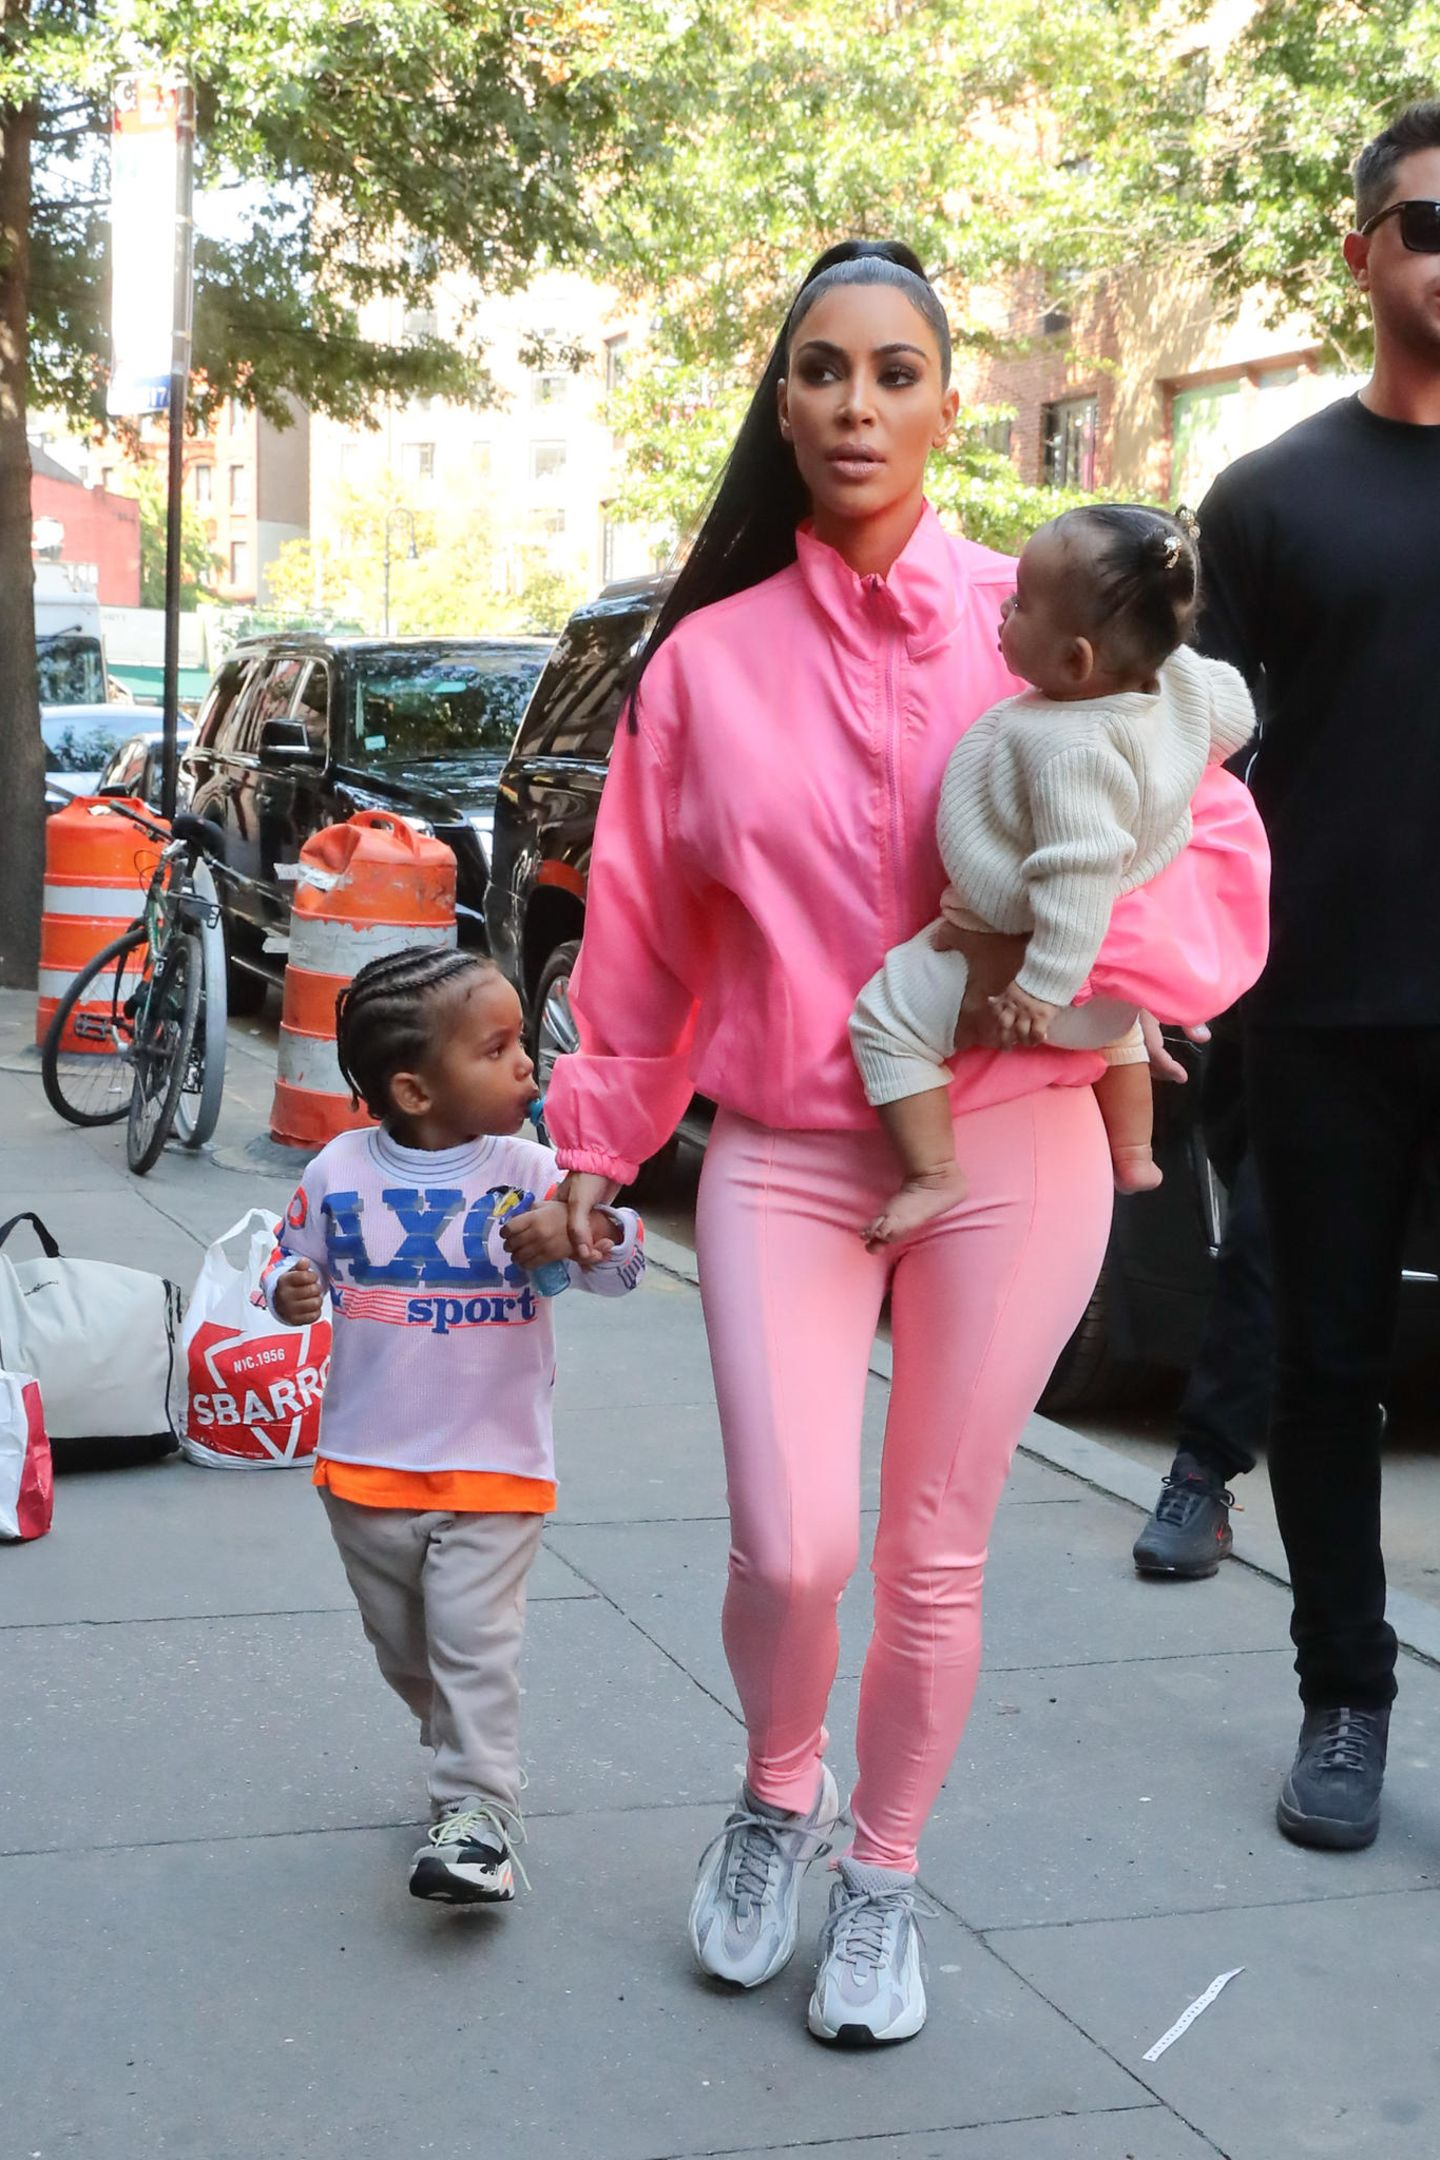 29. September 2018  Premiere in New York: Im Neon-Partnerlook spaziert Kim Kardashian mit allen drei Kindern Saint, Chicago und North durch die Straßen.